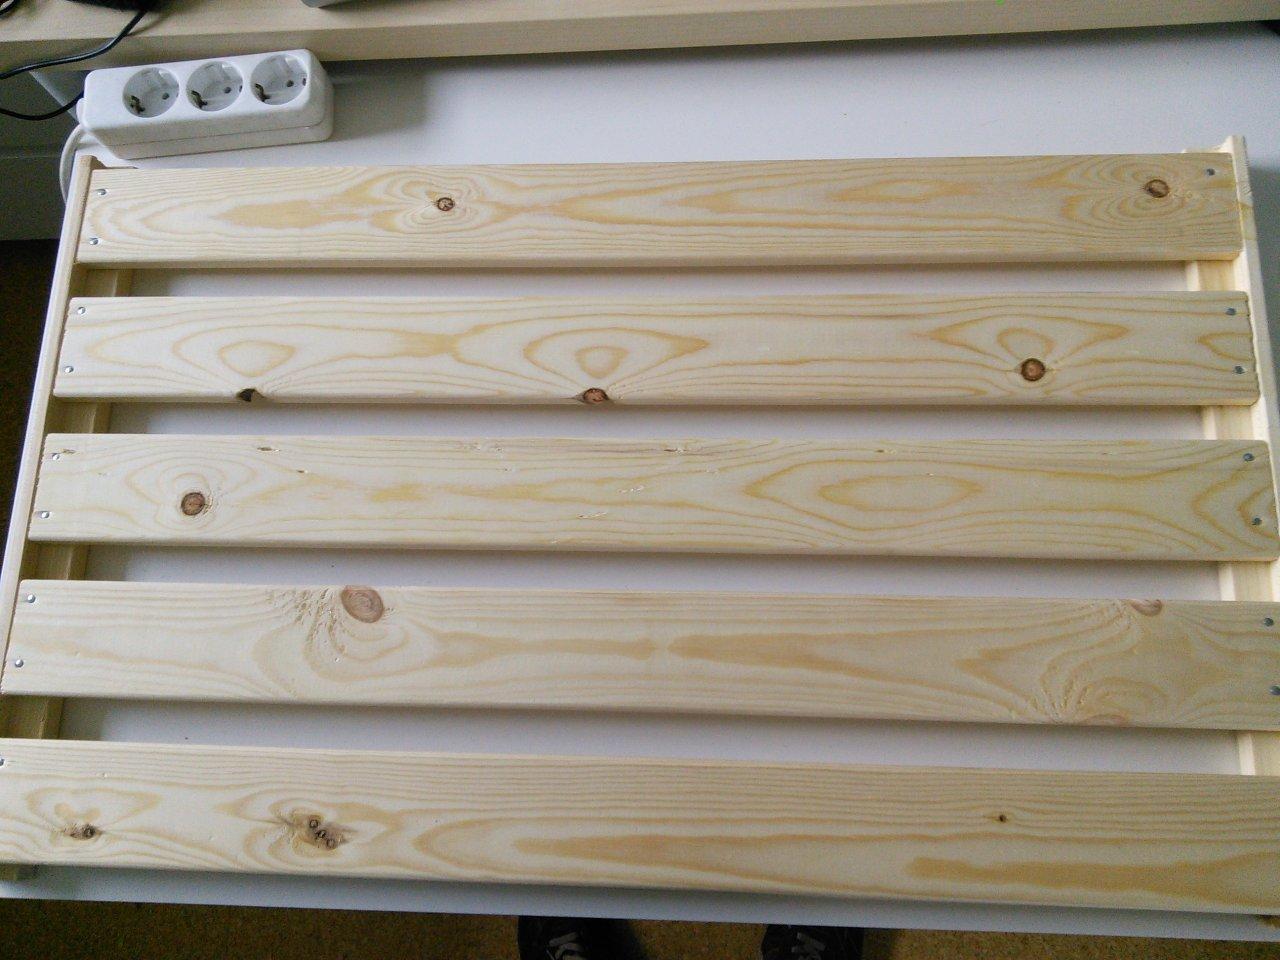 Ikea hejne  Pedalboard-Eigenbau aus Ikea Hejne Regalboden | Musiker-Board